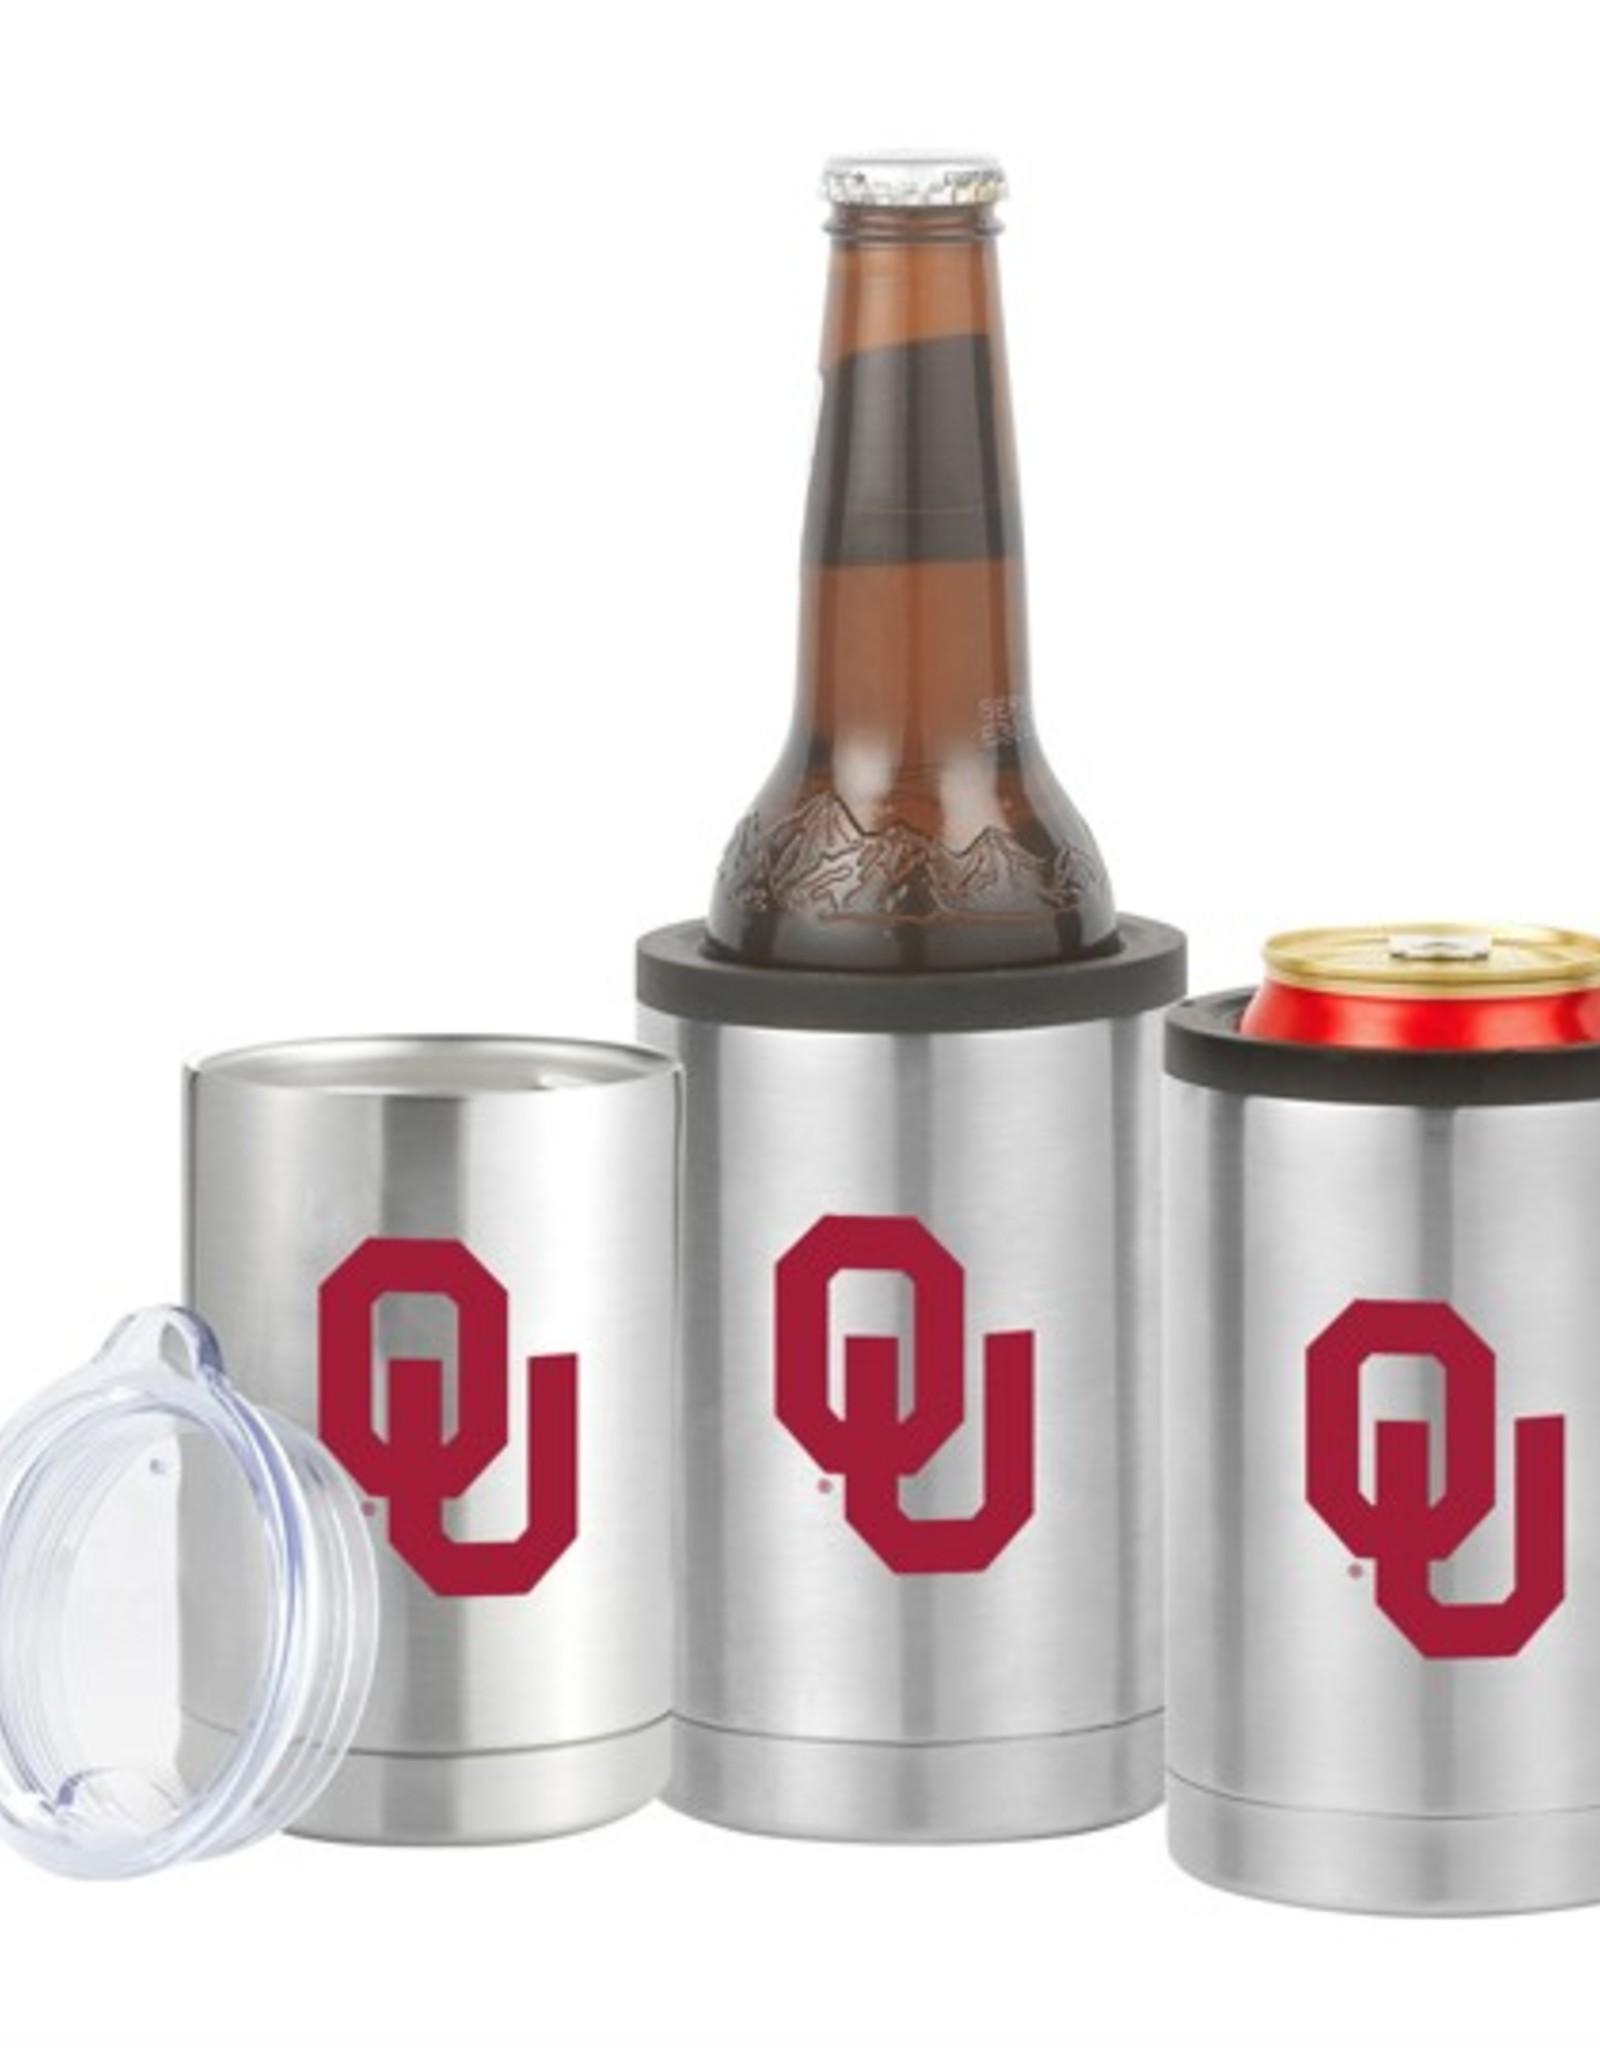 RFSJ OU Stainless Steel 3 in 1 Drink Isulator